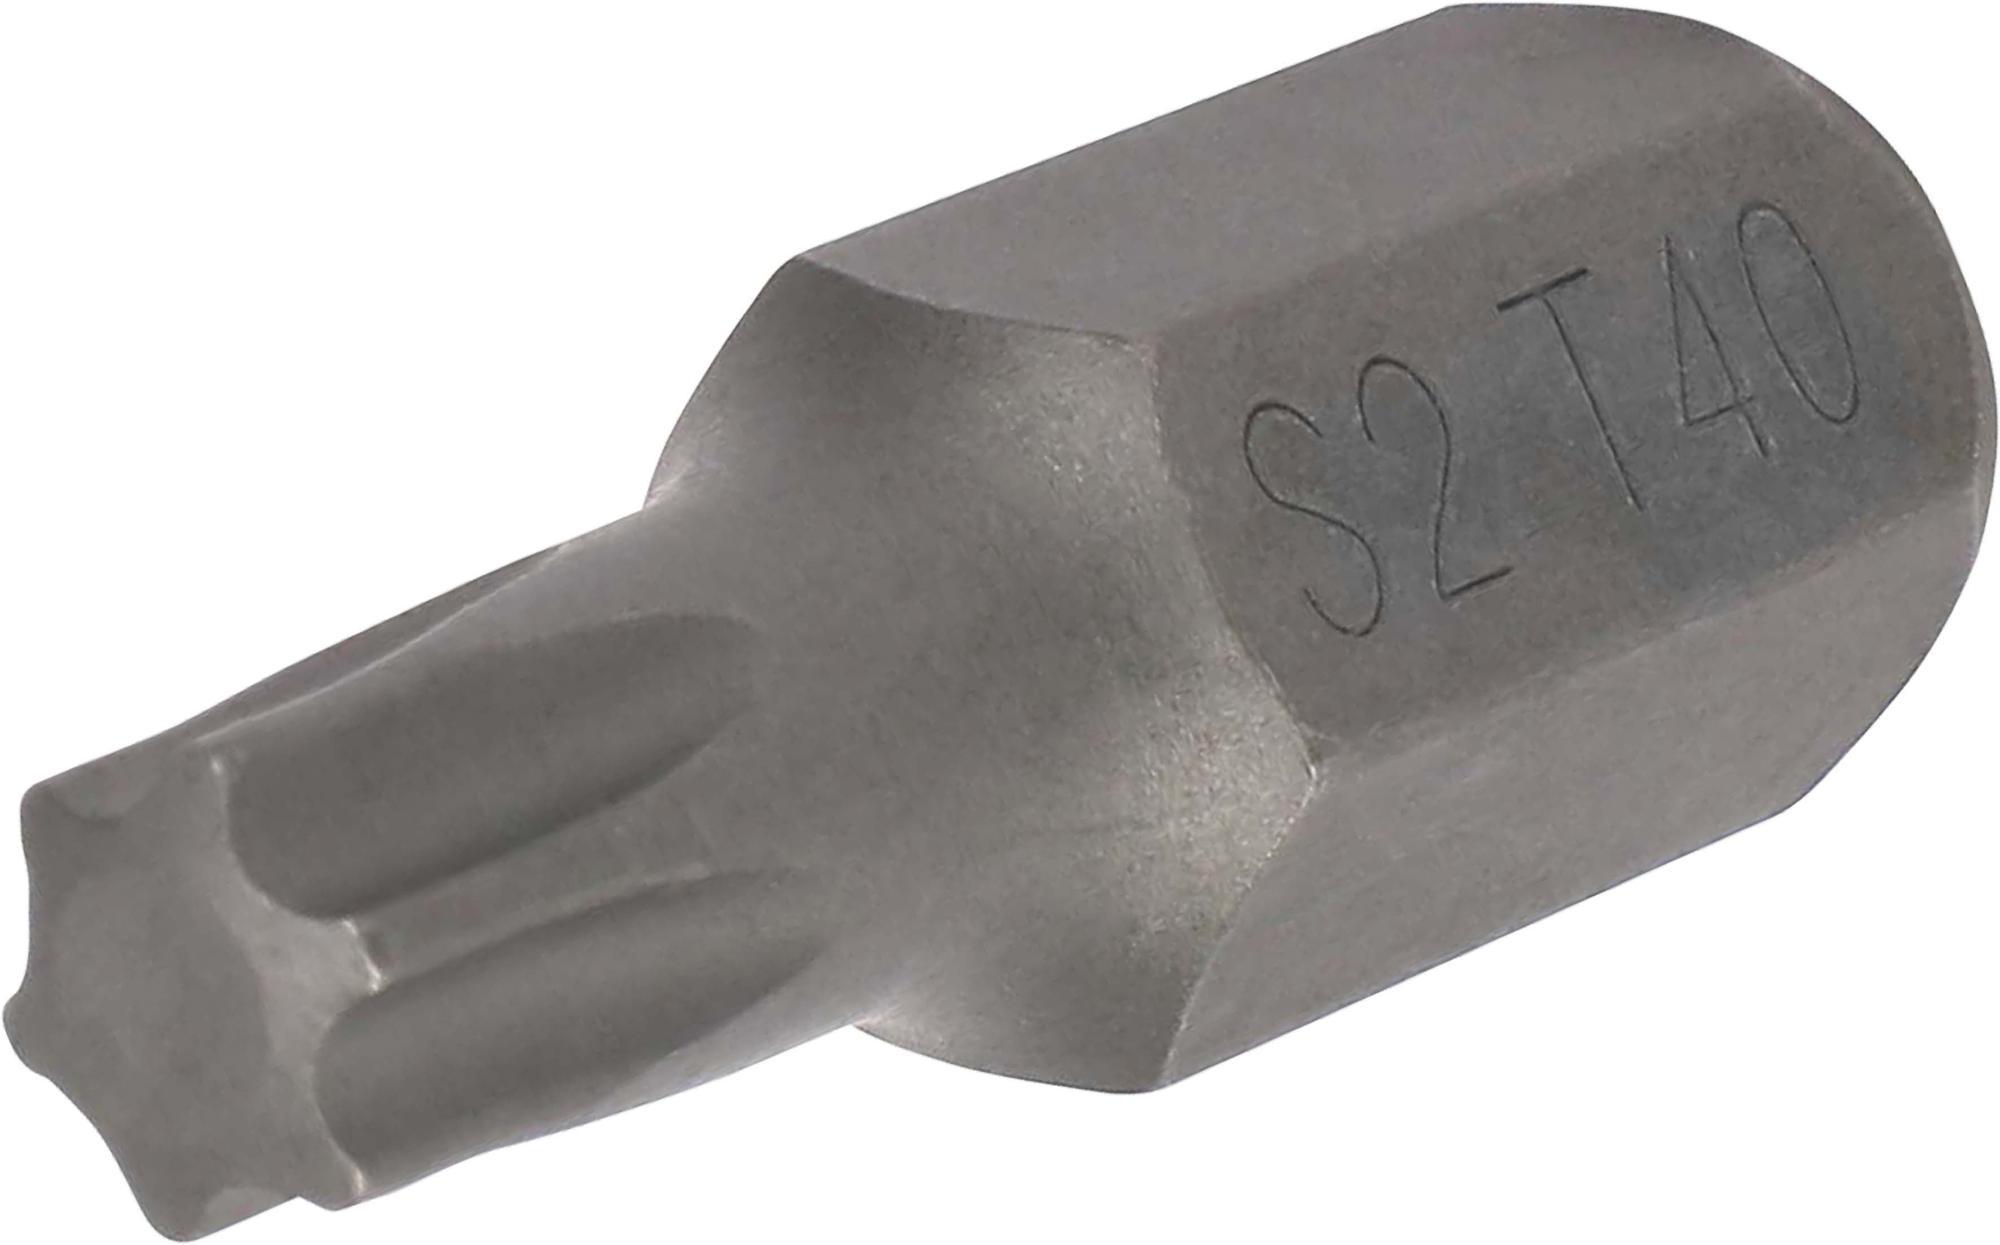 Bit, 10 mm 6-hran, TORX T40x30 mm